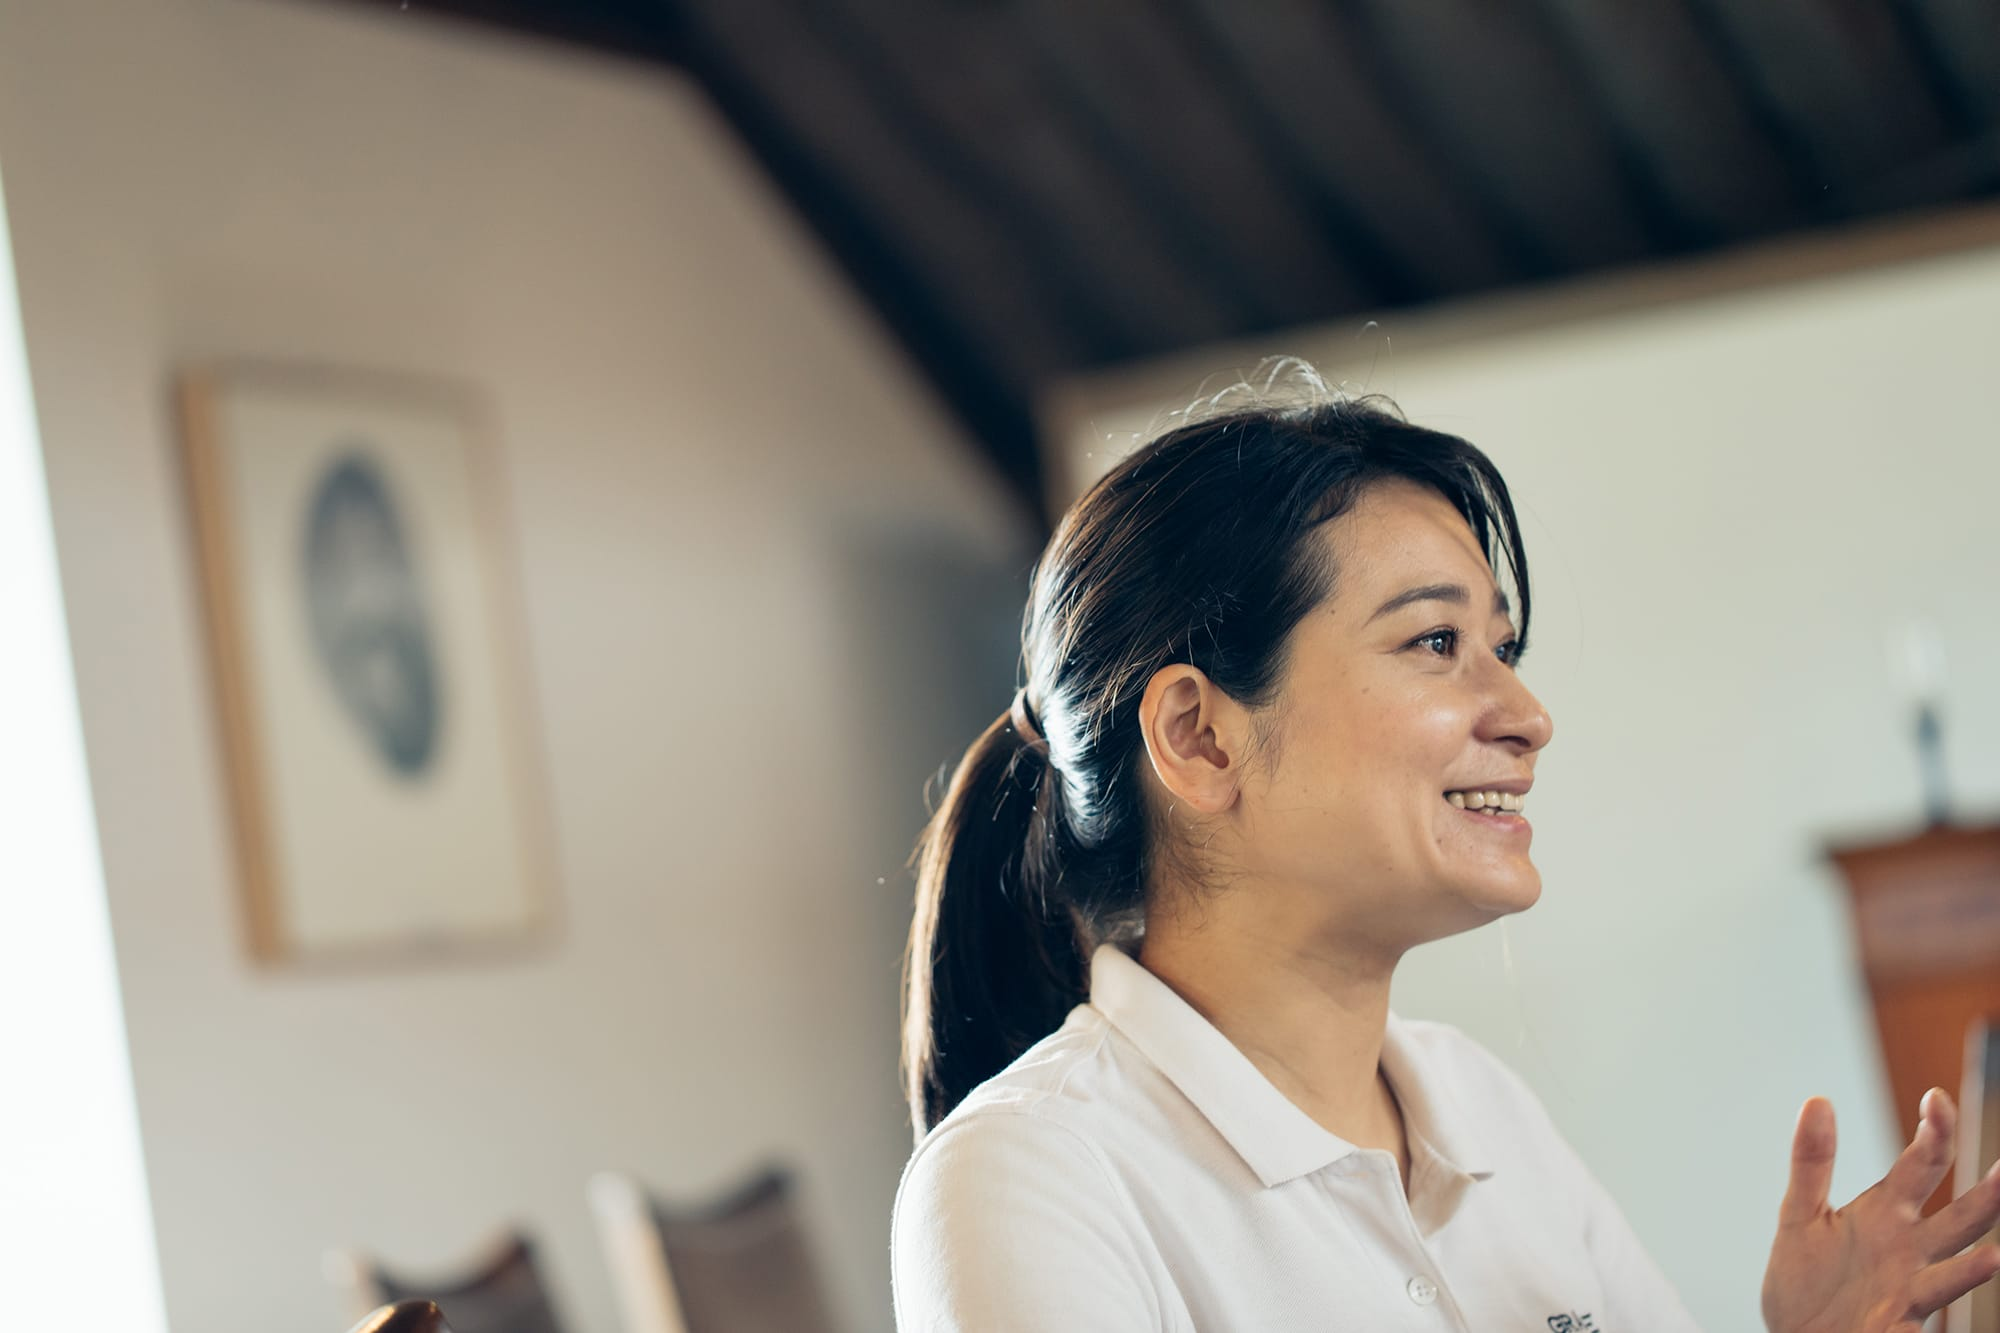 静かなる情熱を持ってワイン醸造を語り、甲州の土地とぶどうの話で笑顔をほころばせる三澤彩奈。